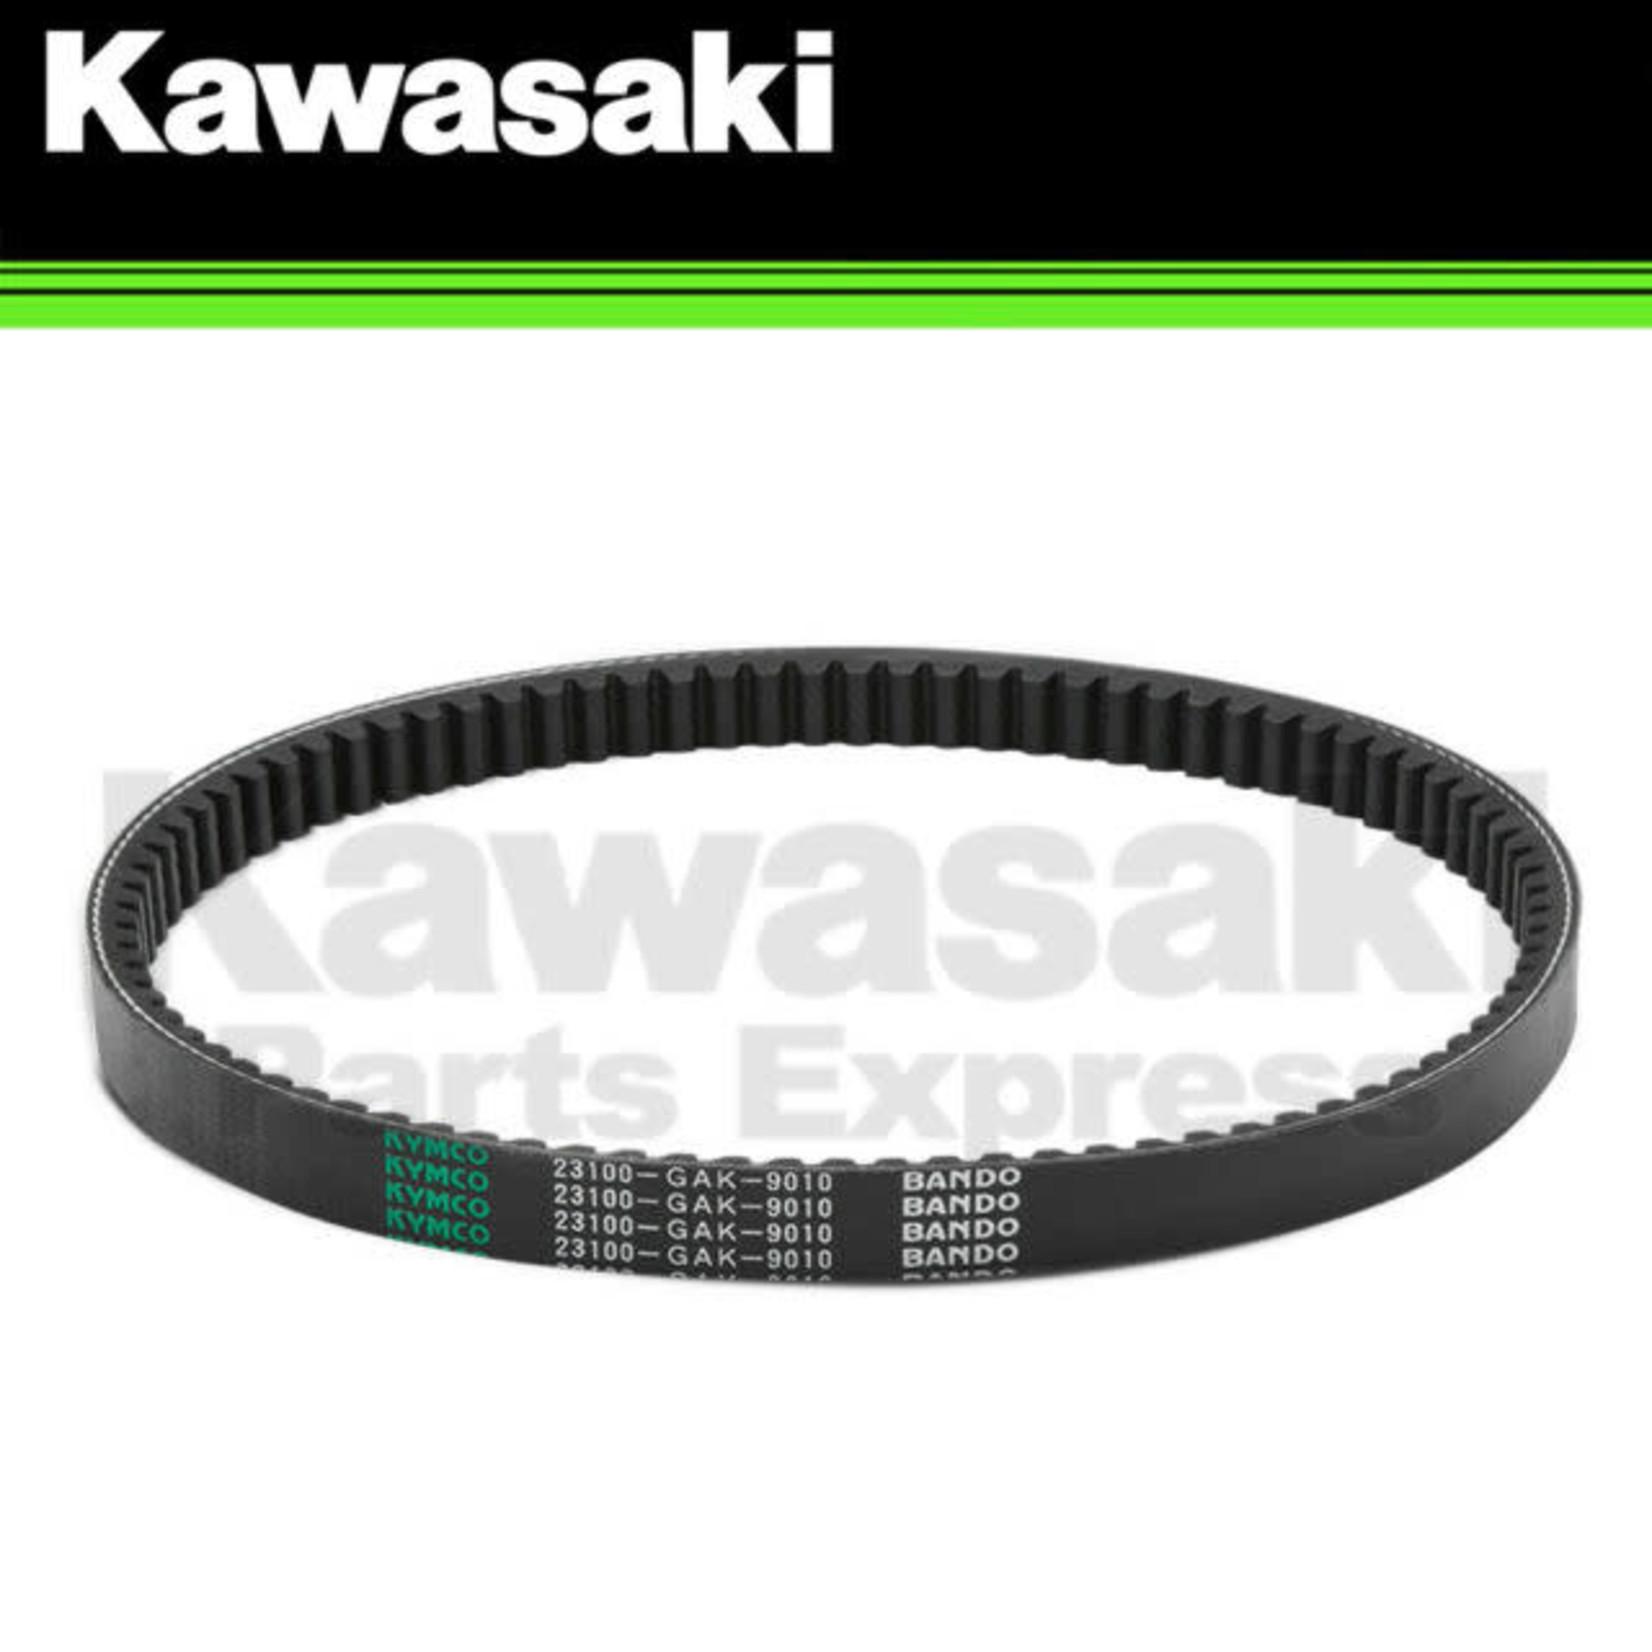 Kawasaki Kawasaki ATV/UTV Drive Belts